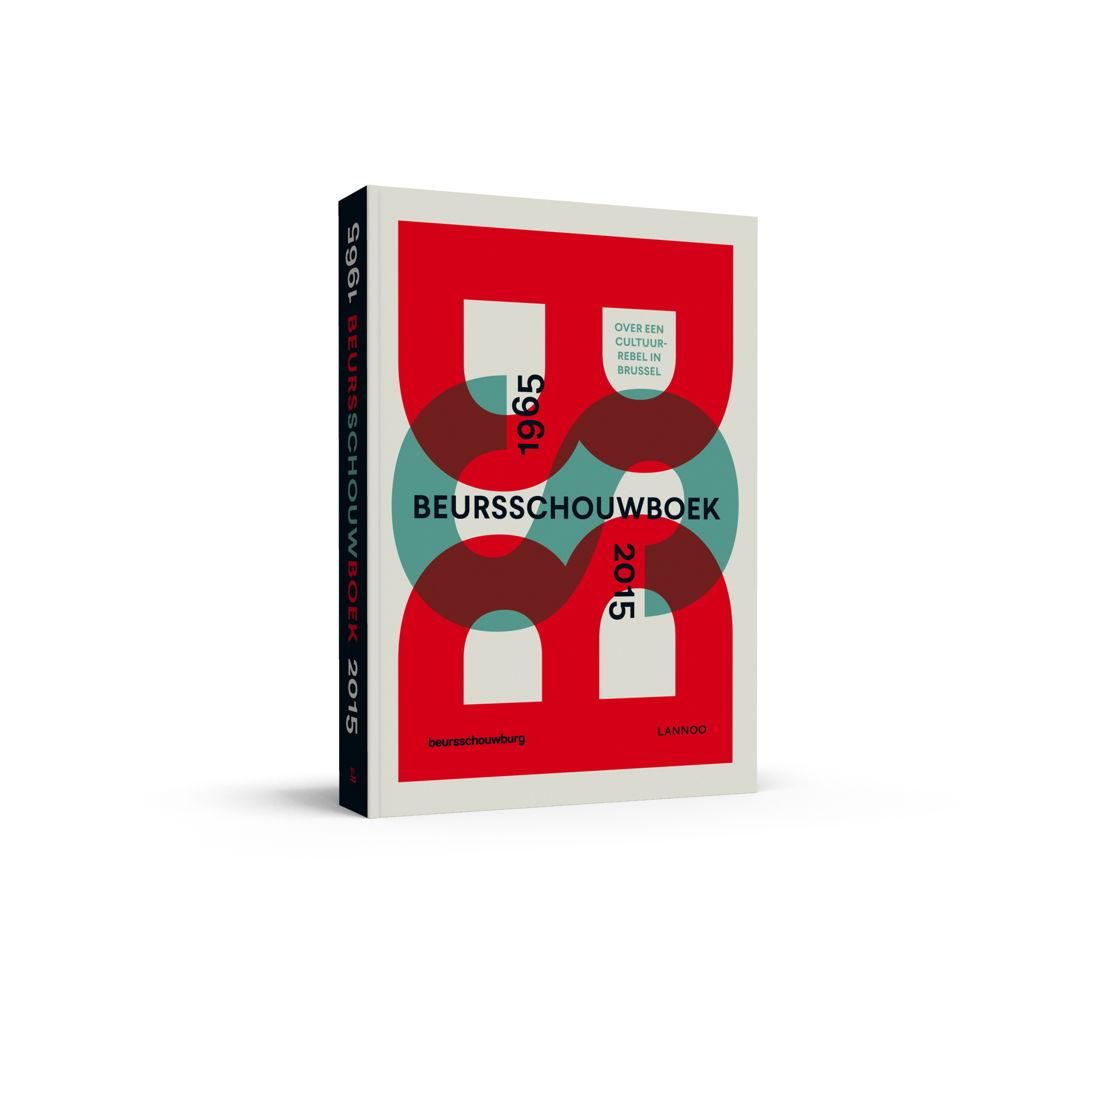 Beursschouwboek 1965 - 2015